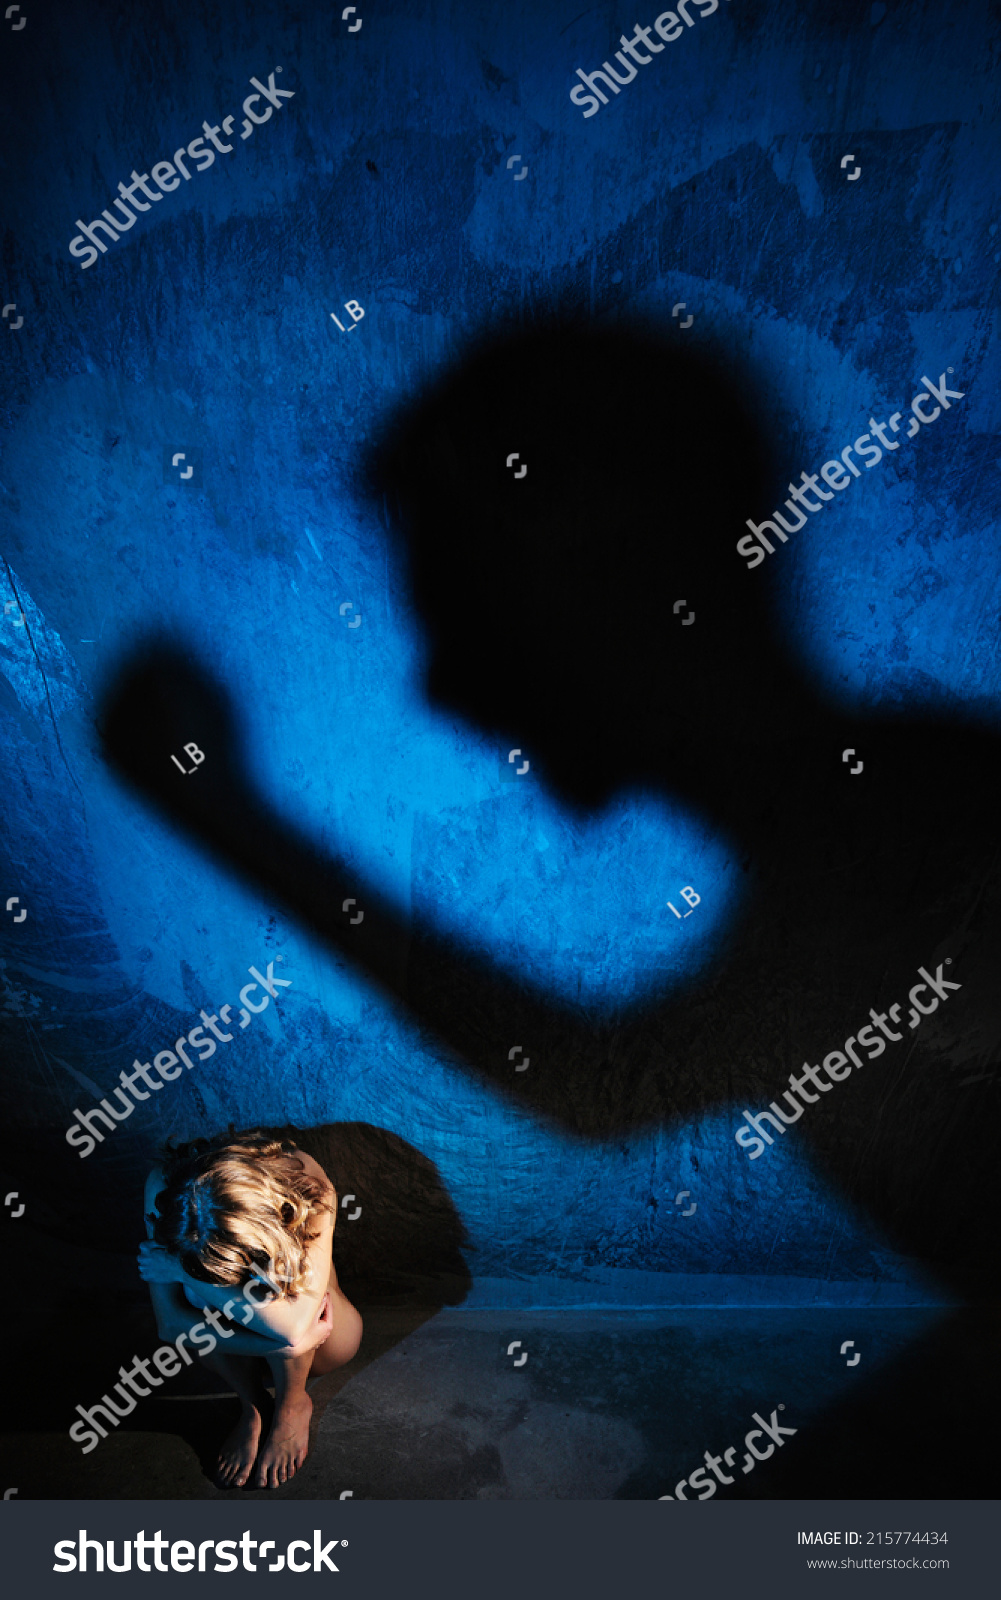 年轻的裸体地板隐藏女人美女教案篇上。不可她的脸。坐在图片